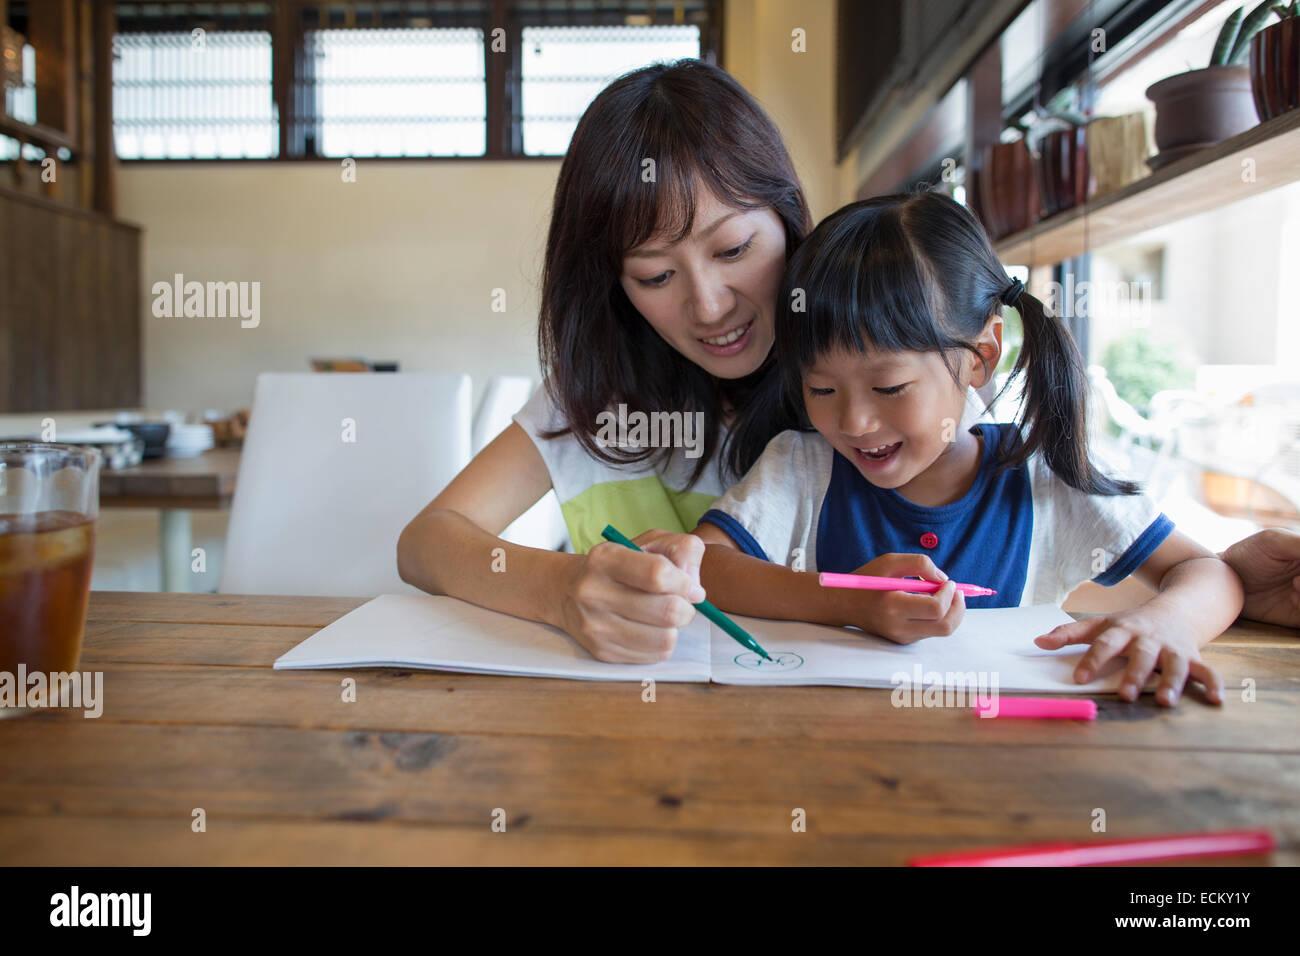 Mãe e filha sentadas em uma mesa de desenho com canetas de ponta de feltro, sorrindo. Imagens de Stock